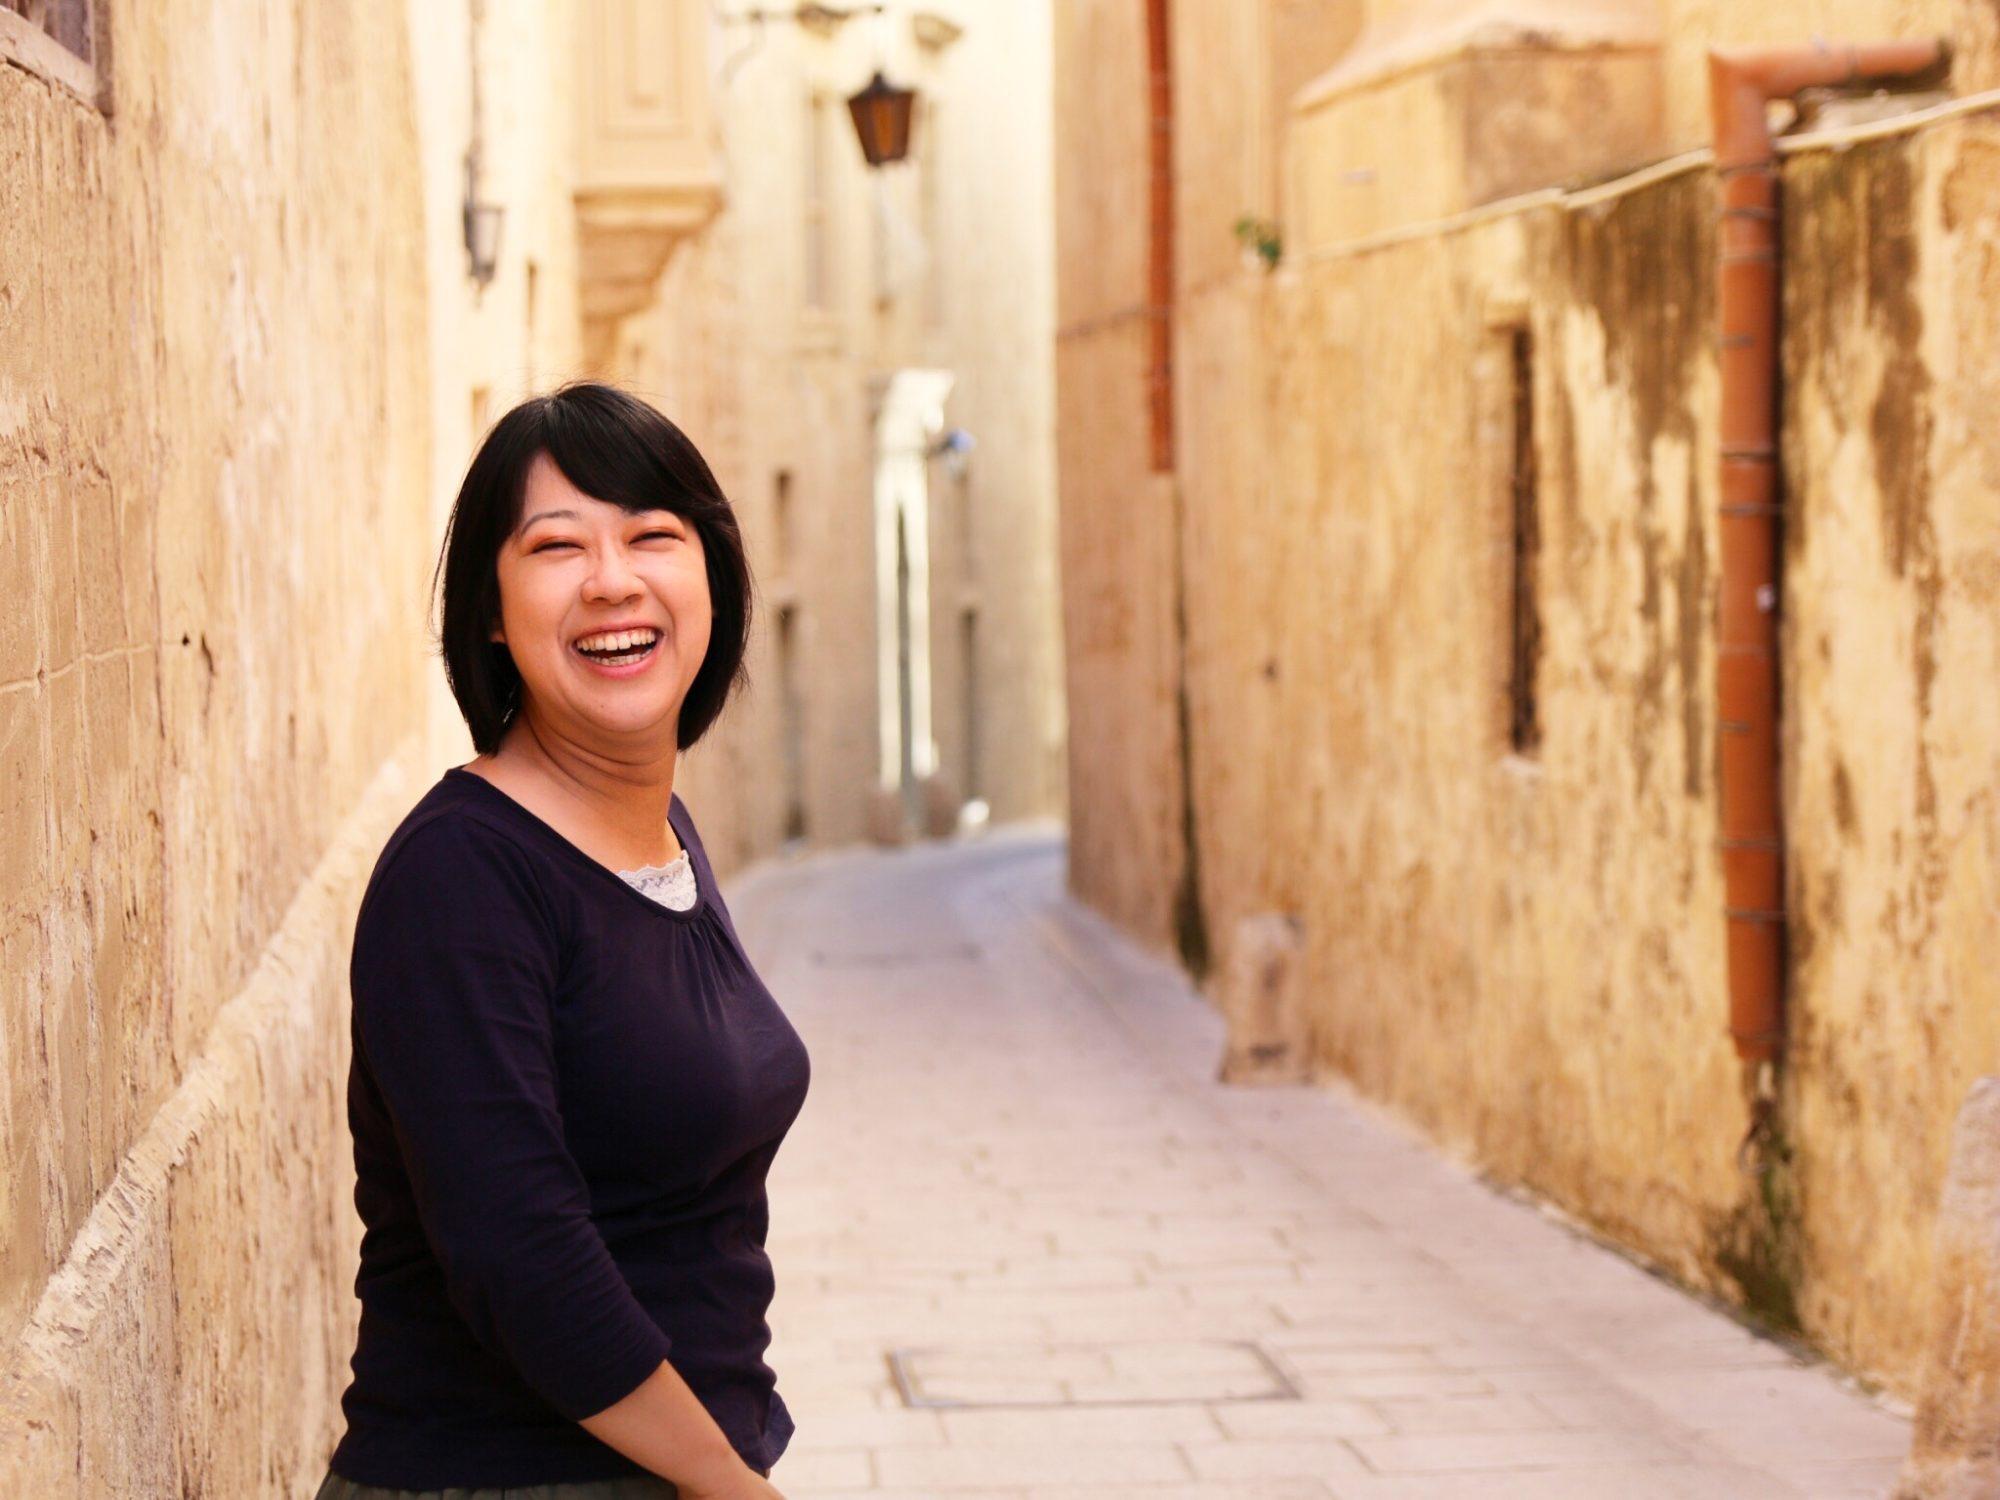 プロフィール写真を変更しました。なぜマルタがこんなに好きなのか?恋したマルタでの写真撮影。